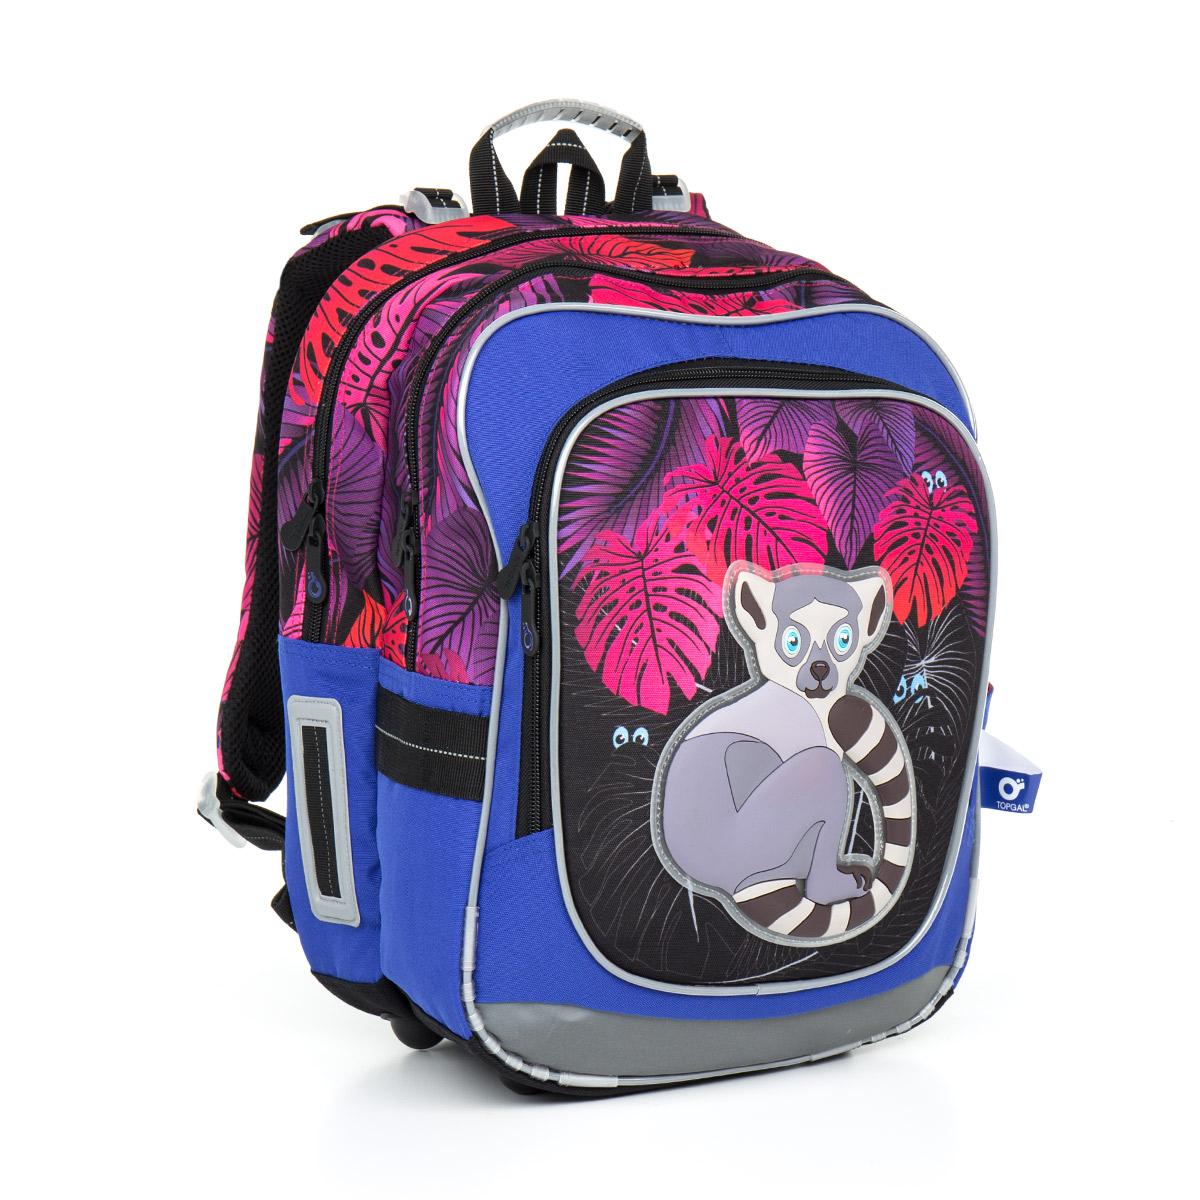 Topgal školní batoh Chilli CHI 792 I Violet